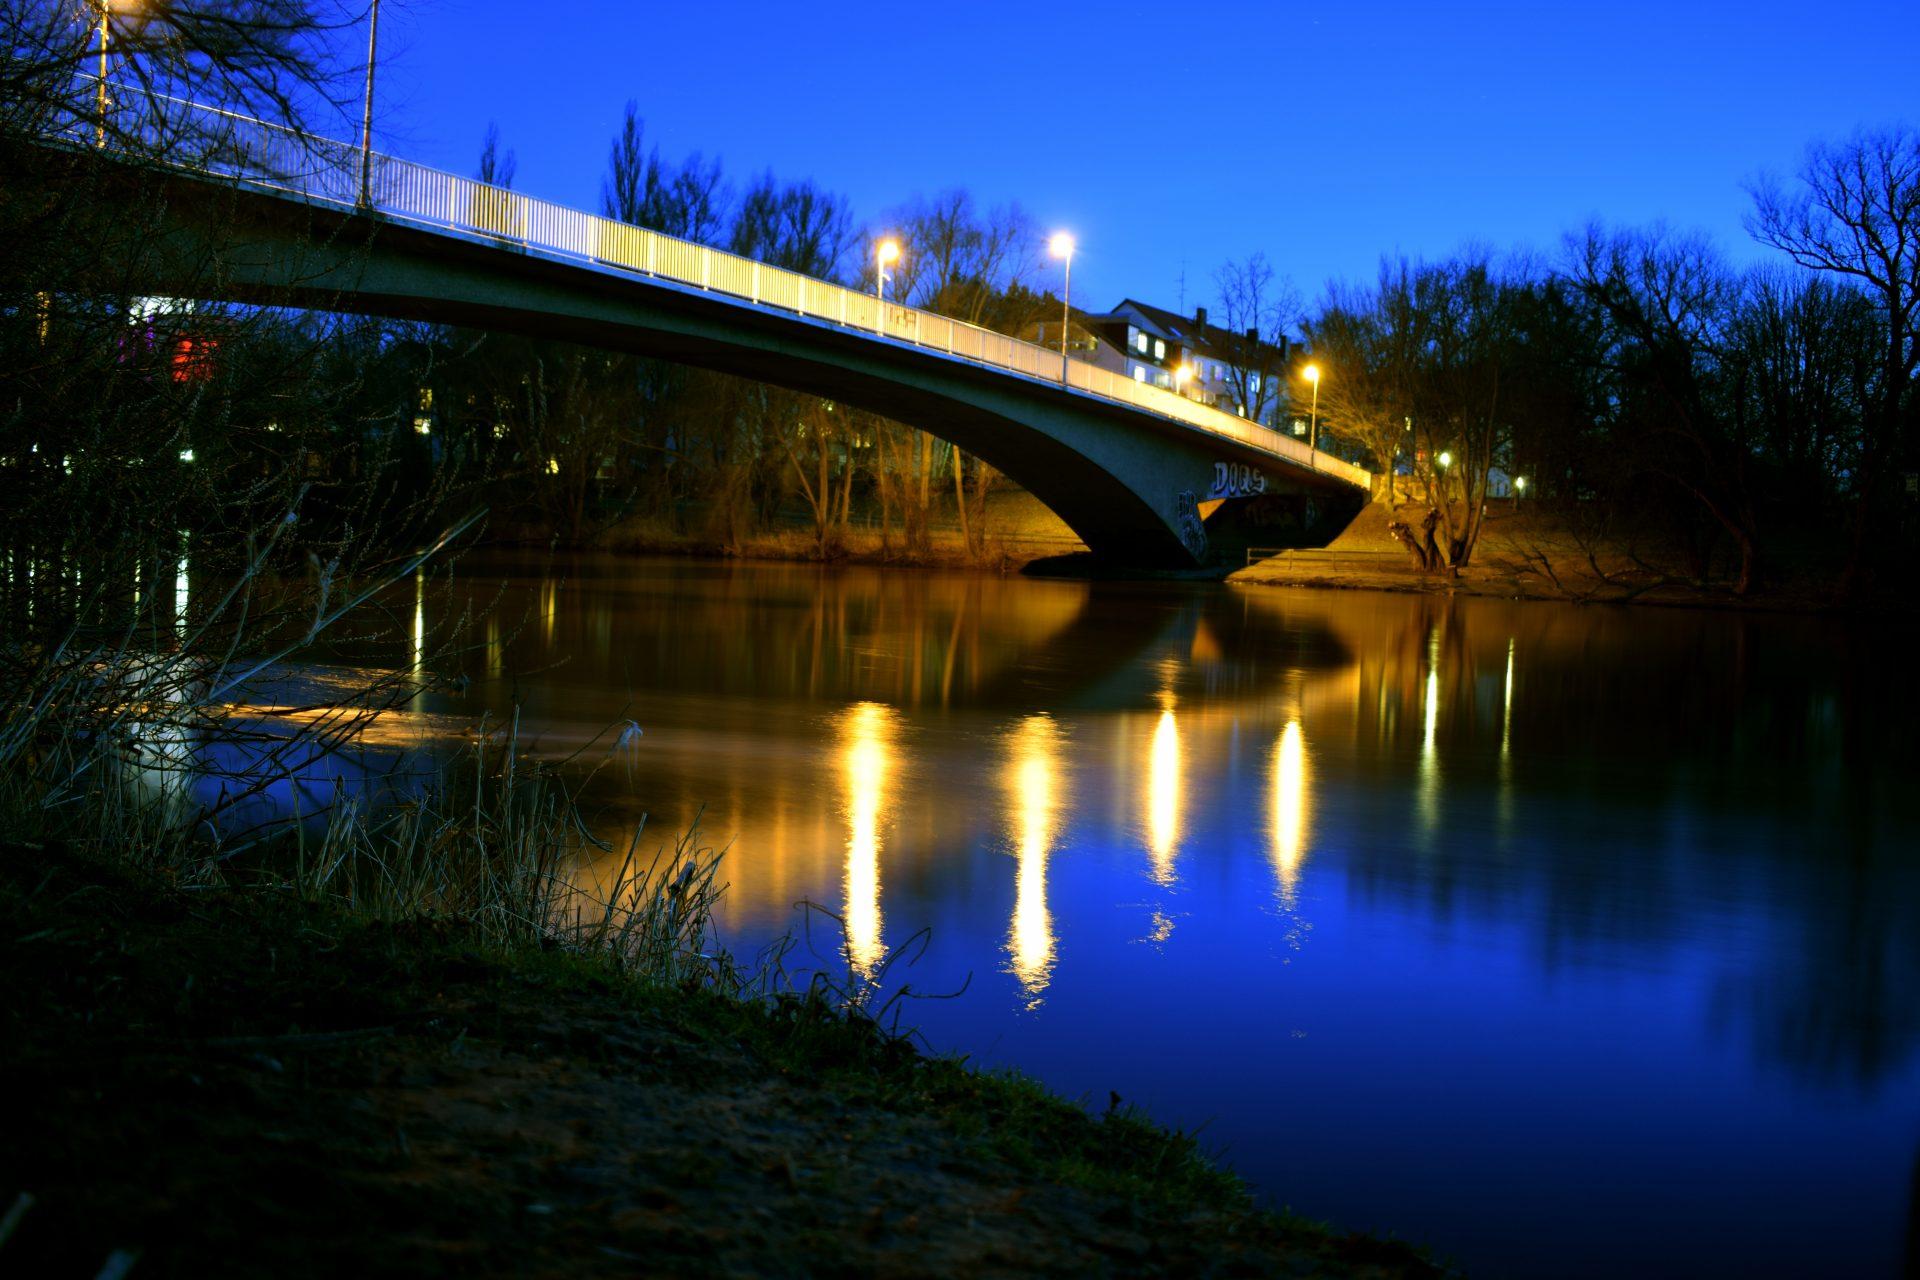 Dornrösschen Bridge